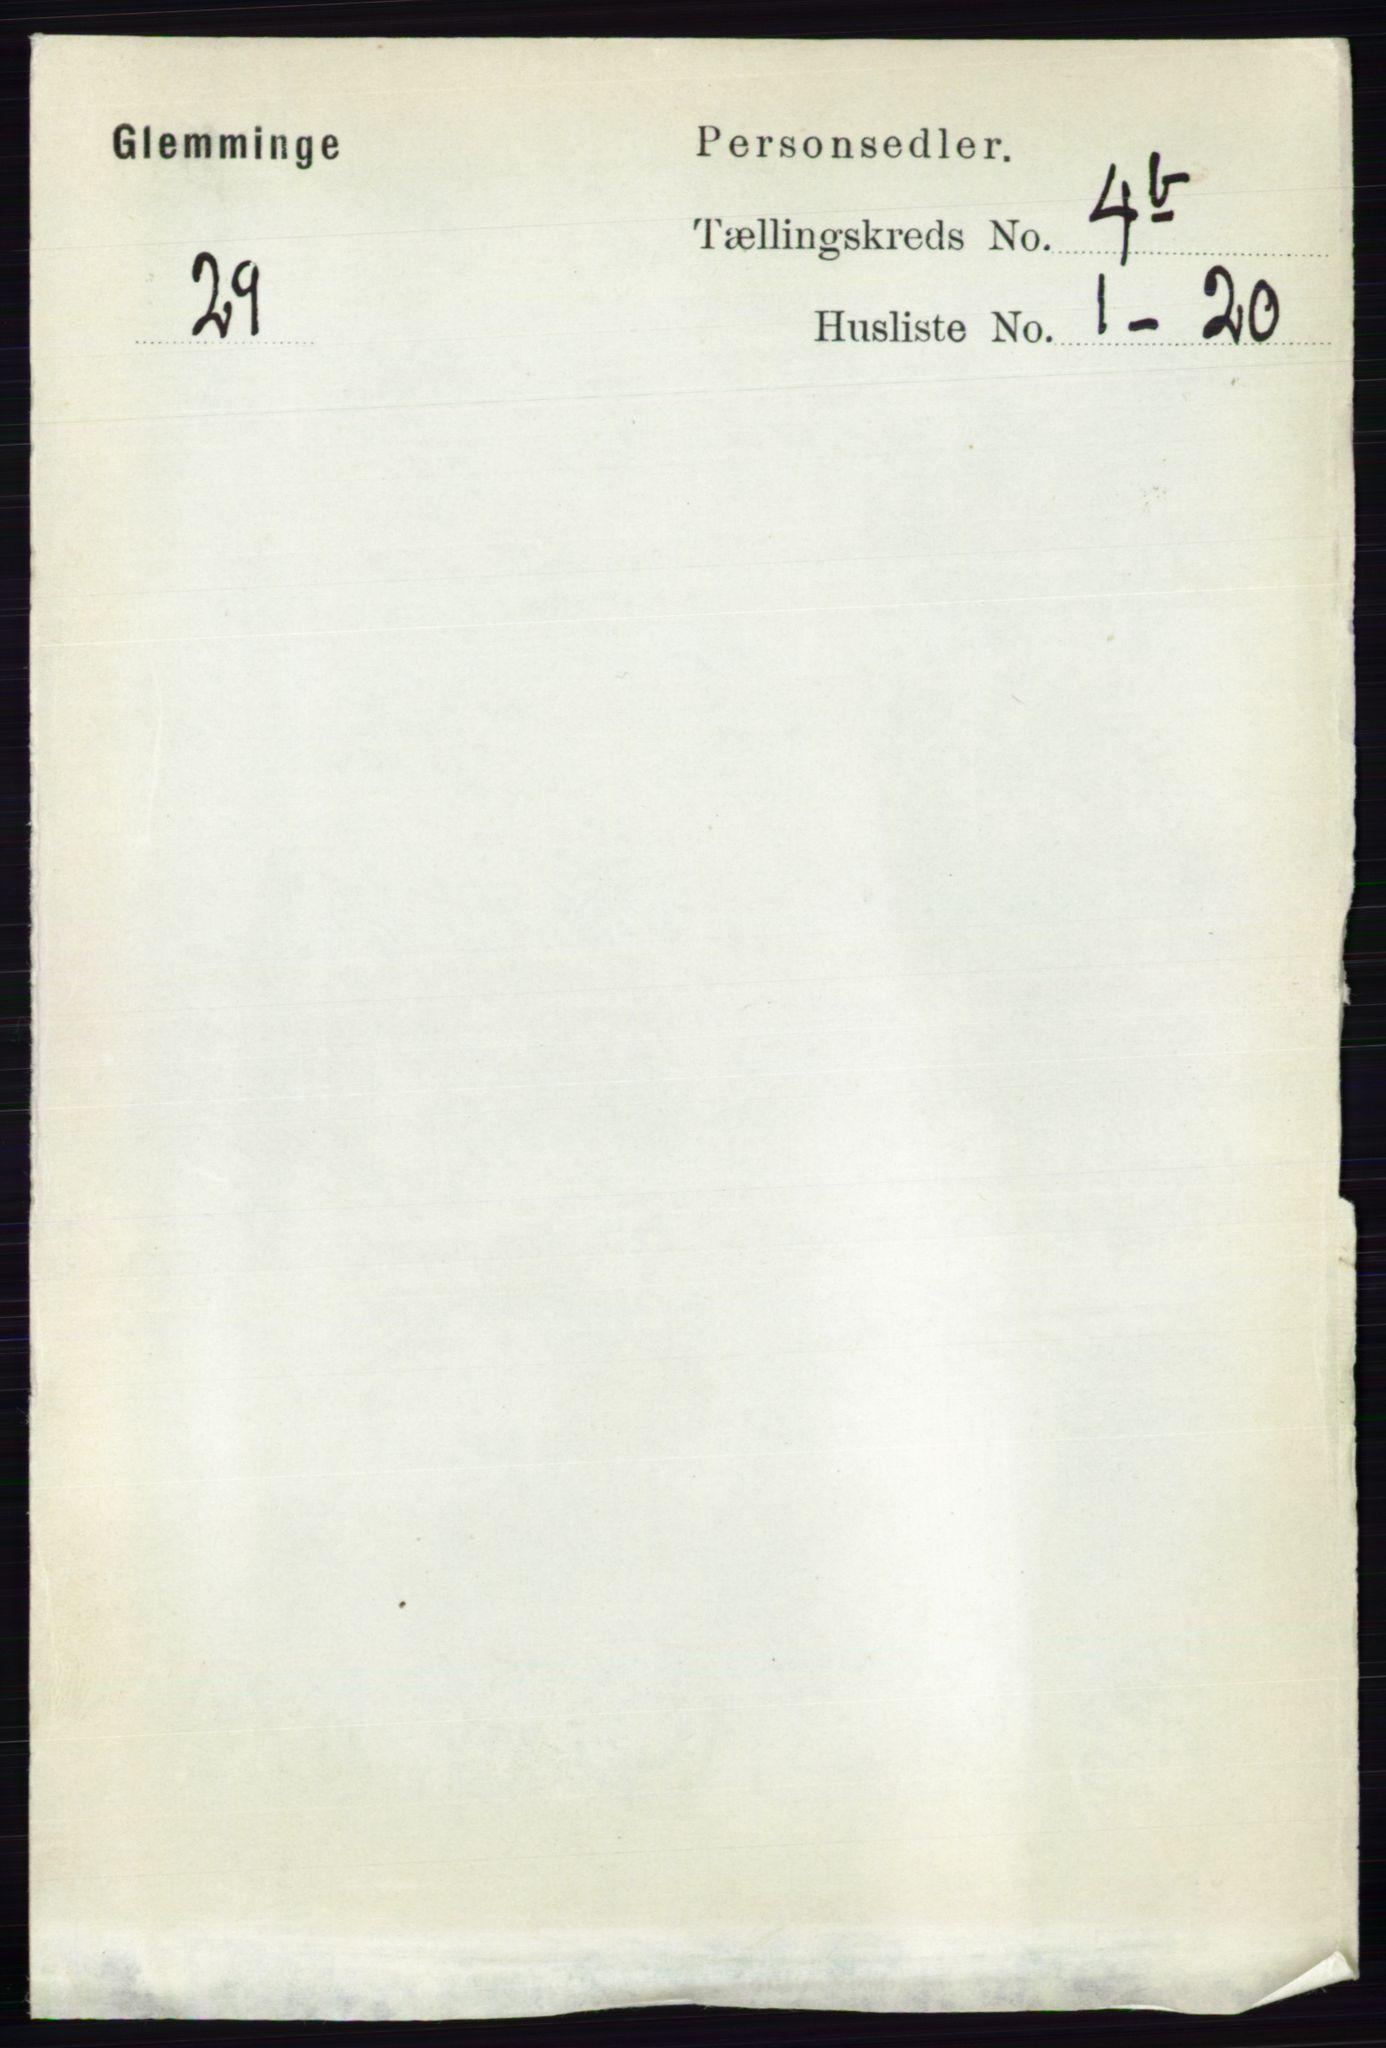 RA, Folketelling 1891 for 0132 Glemmen herred, 1891, s. 4833